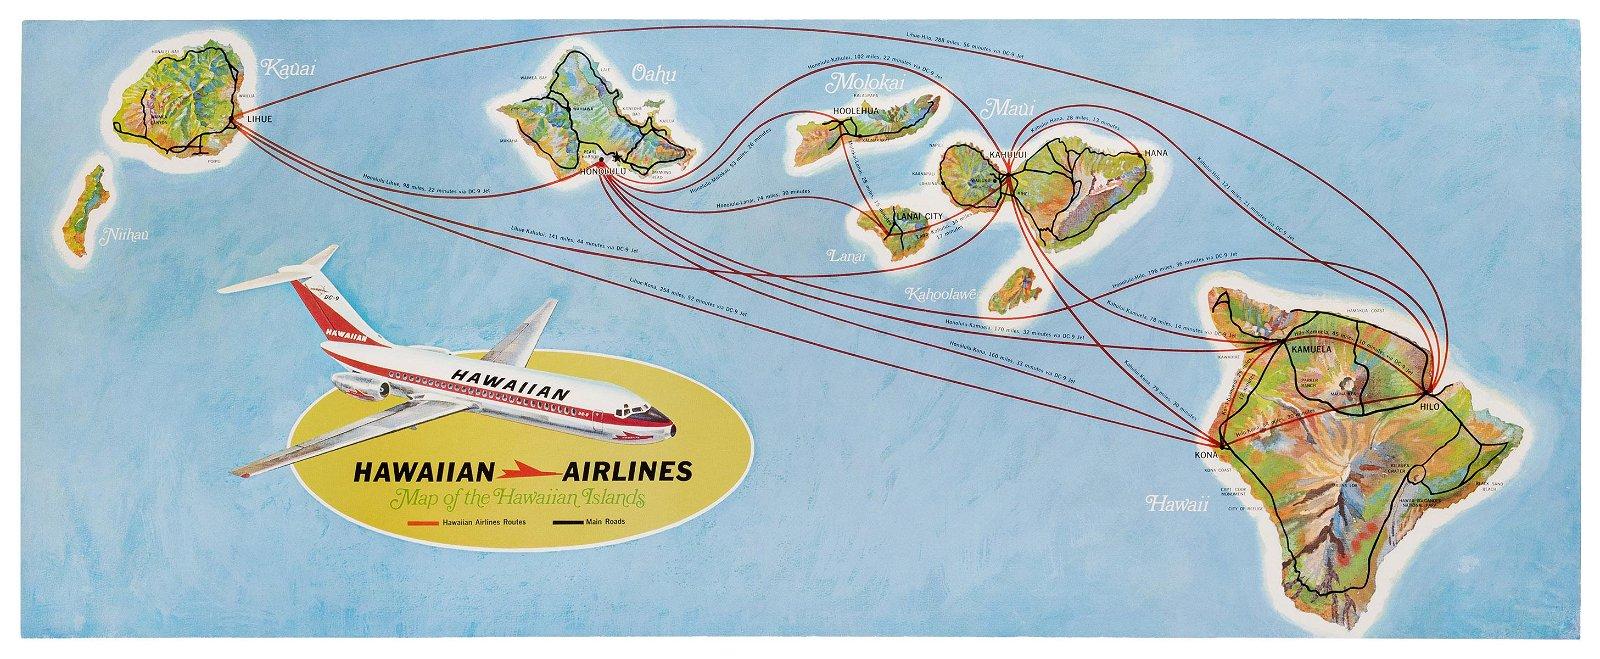 Hawaiian Airlines. Map of the Hawaiian Islands.